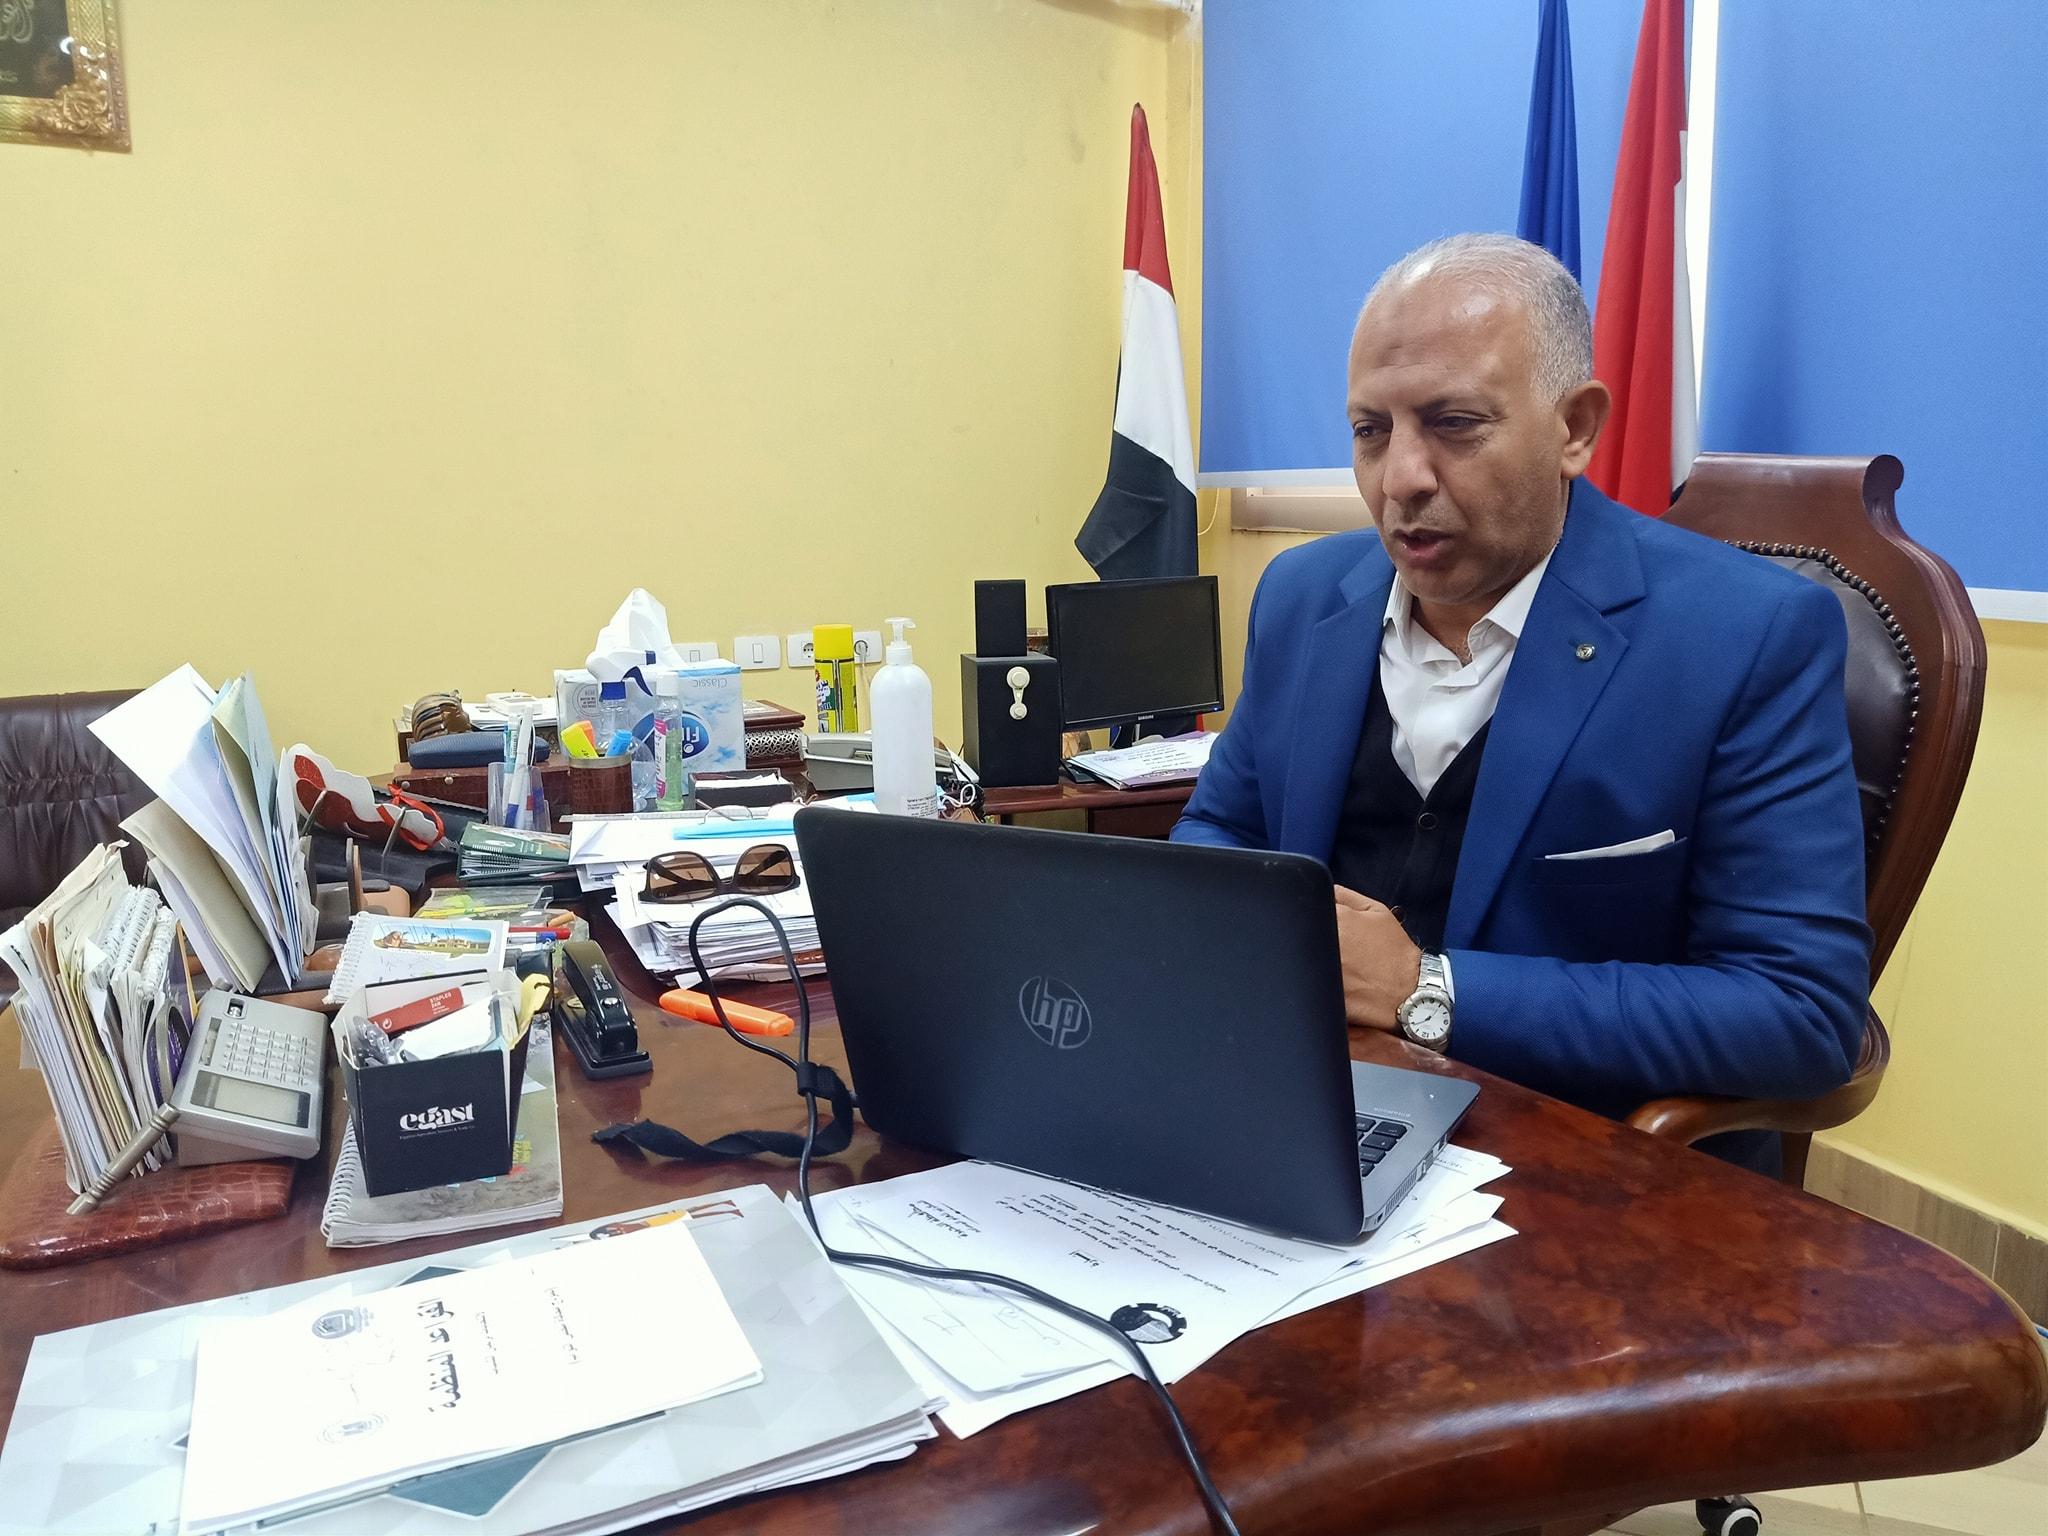 وكيل وزارة الشباب والرياضة بالبحيرة يجتمع  بمديري الإدارات الفرعية عبرالفيديو كونفرانس